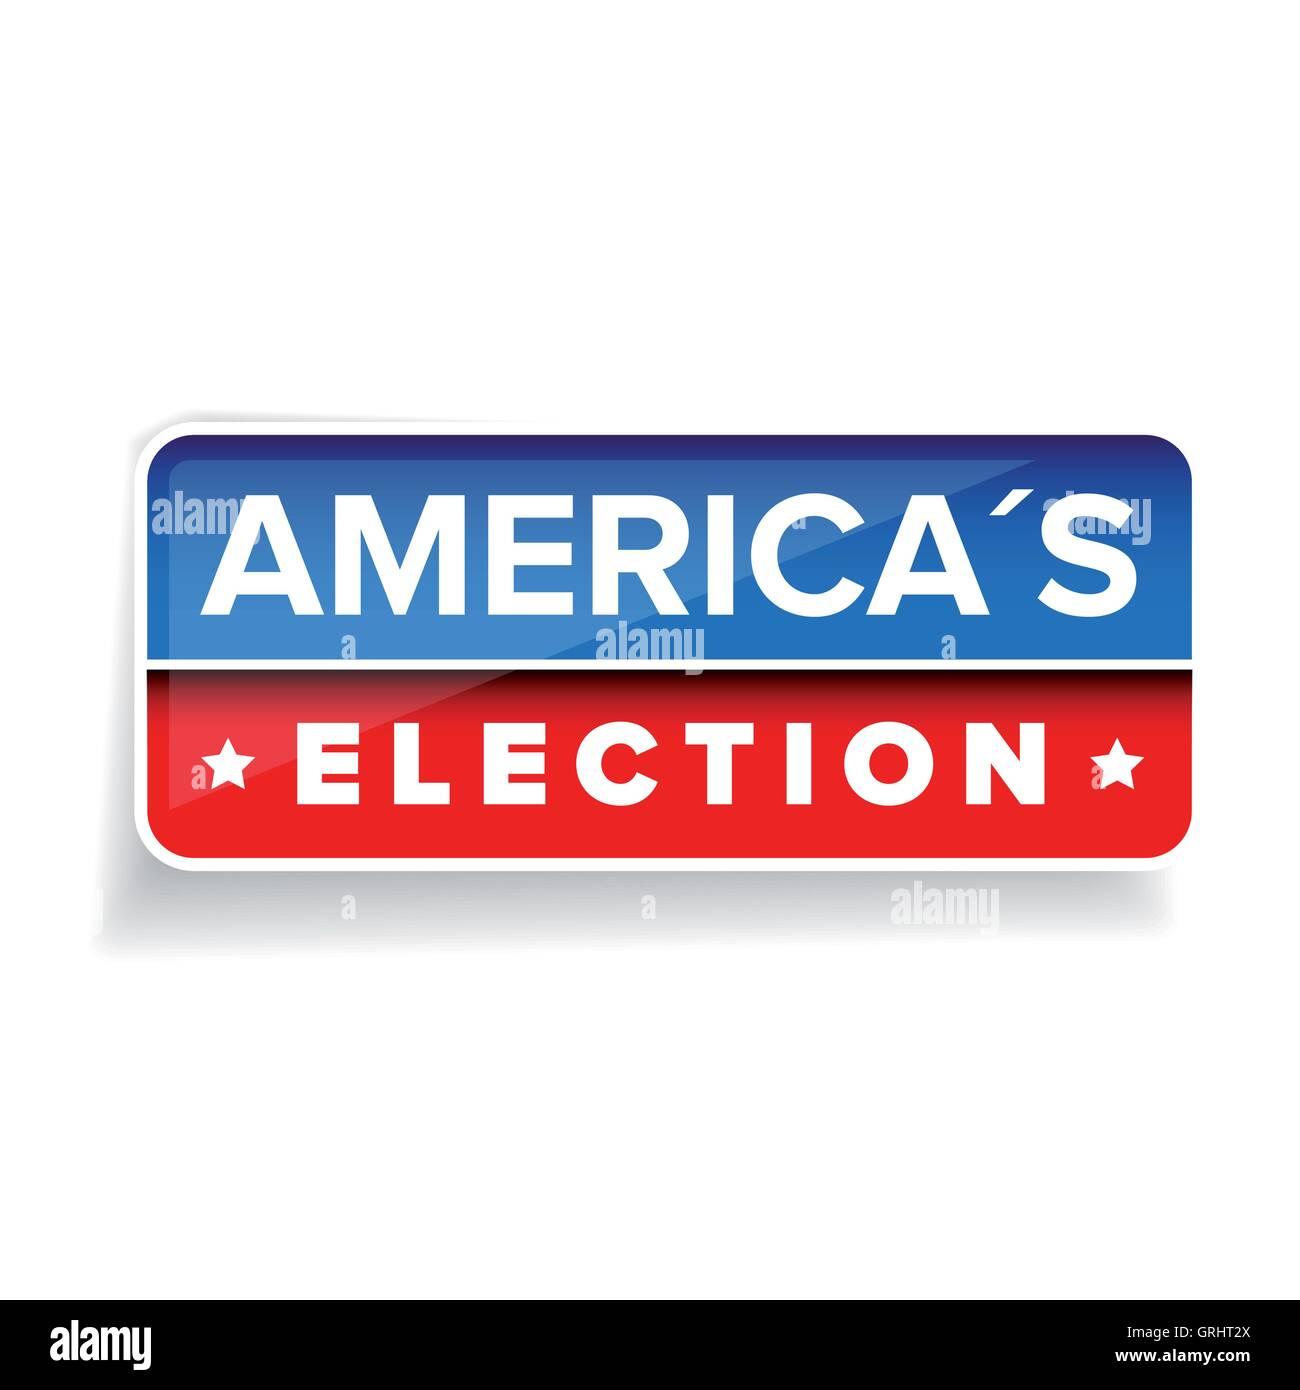 Americas Election vector button - Stock Image